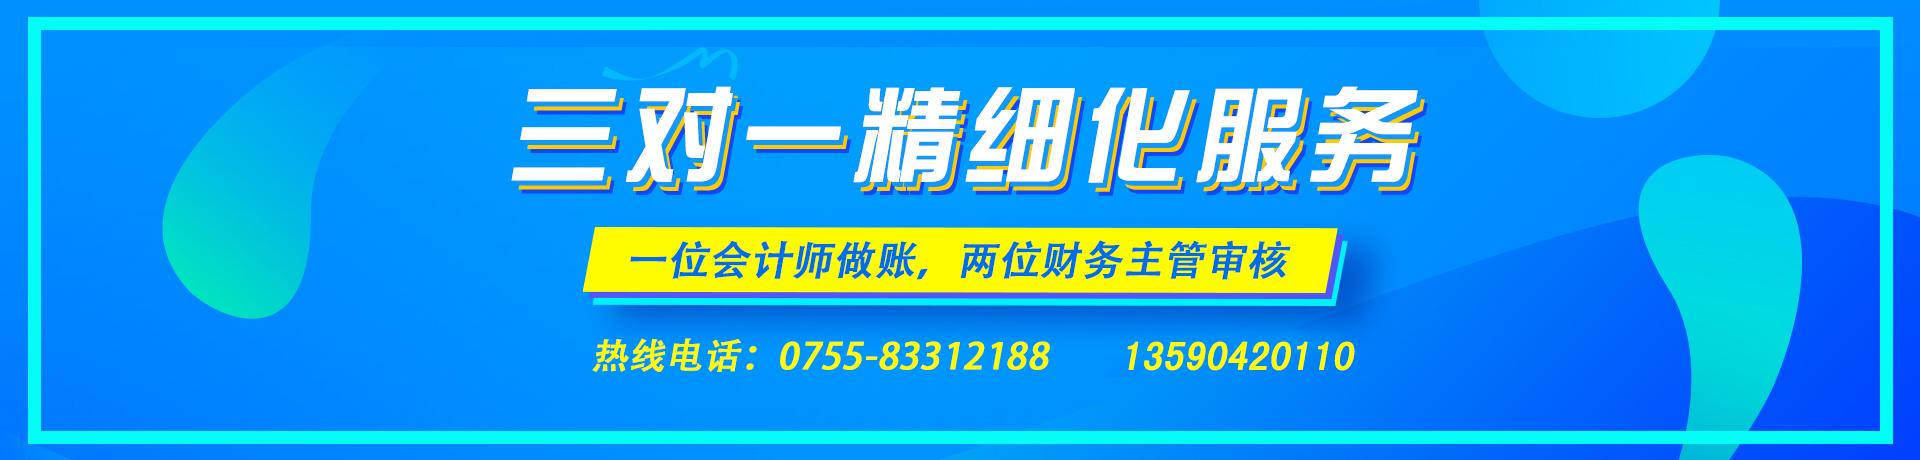 3深圳注册公司当天领证,无地址深圳工商注册